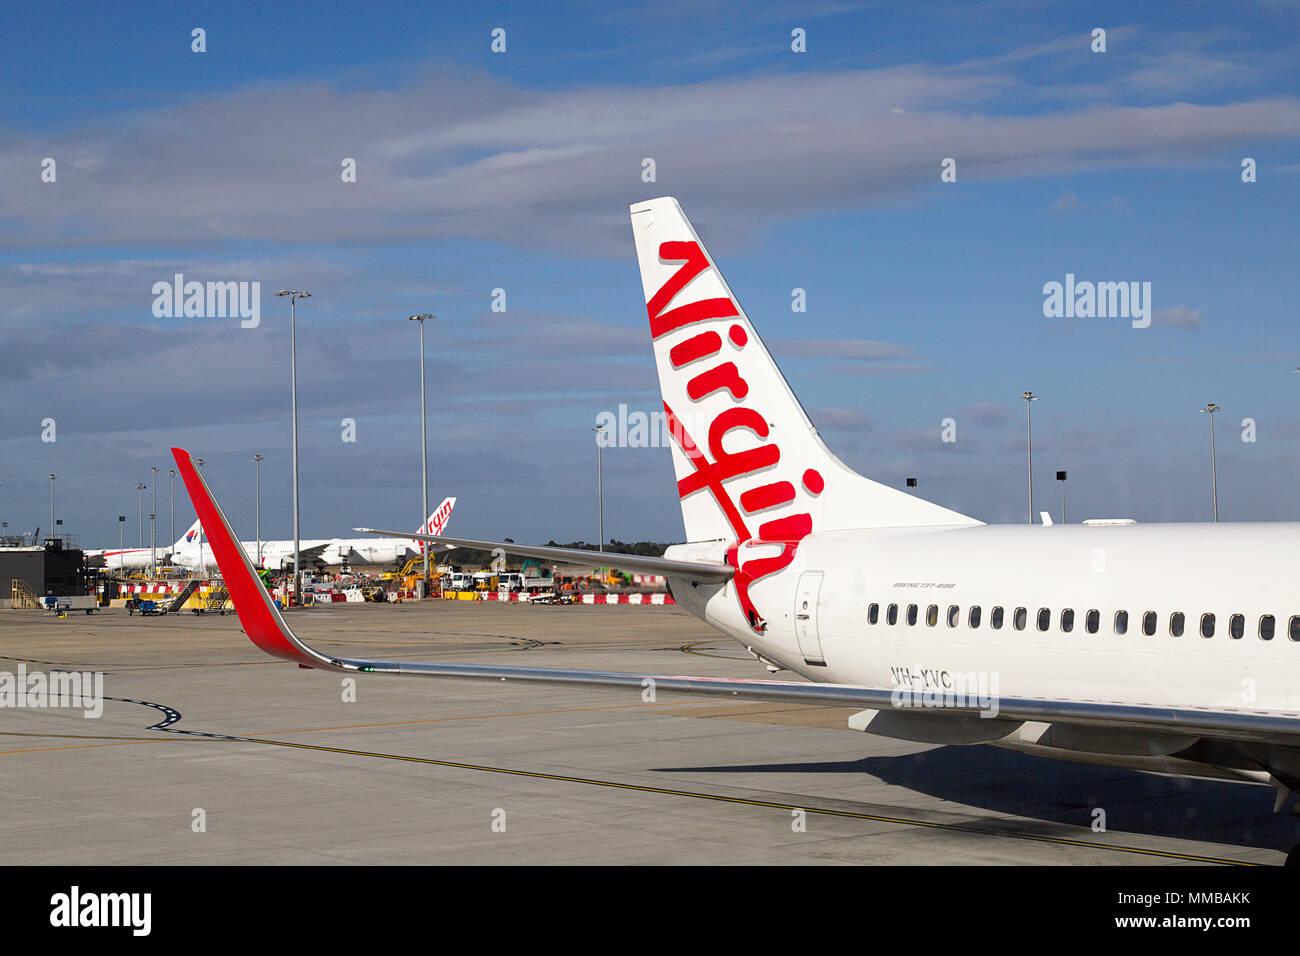 Melbourne, Australien: 26. März 2018: Jungfrau Australien Flugzeug auf der Landebahn am Flughafen Tullamarine in Melbourne. Stockbild